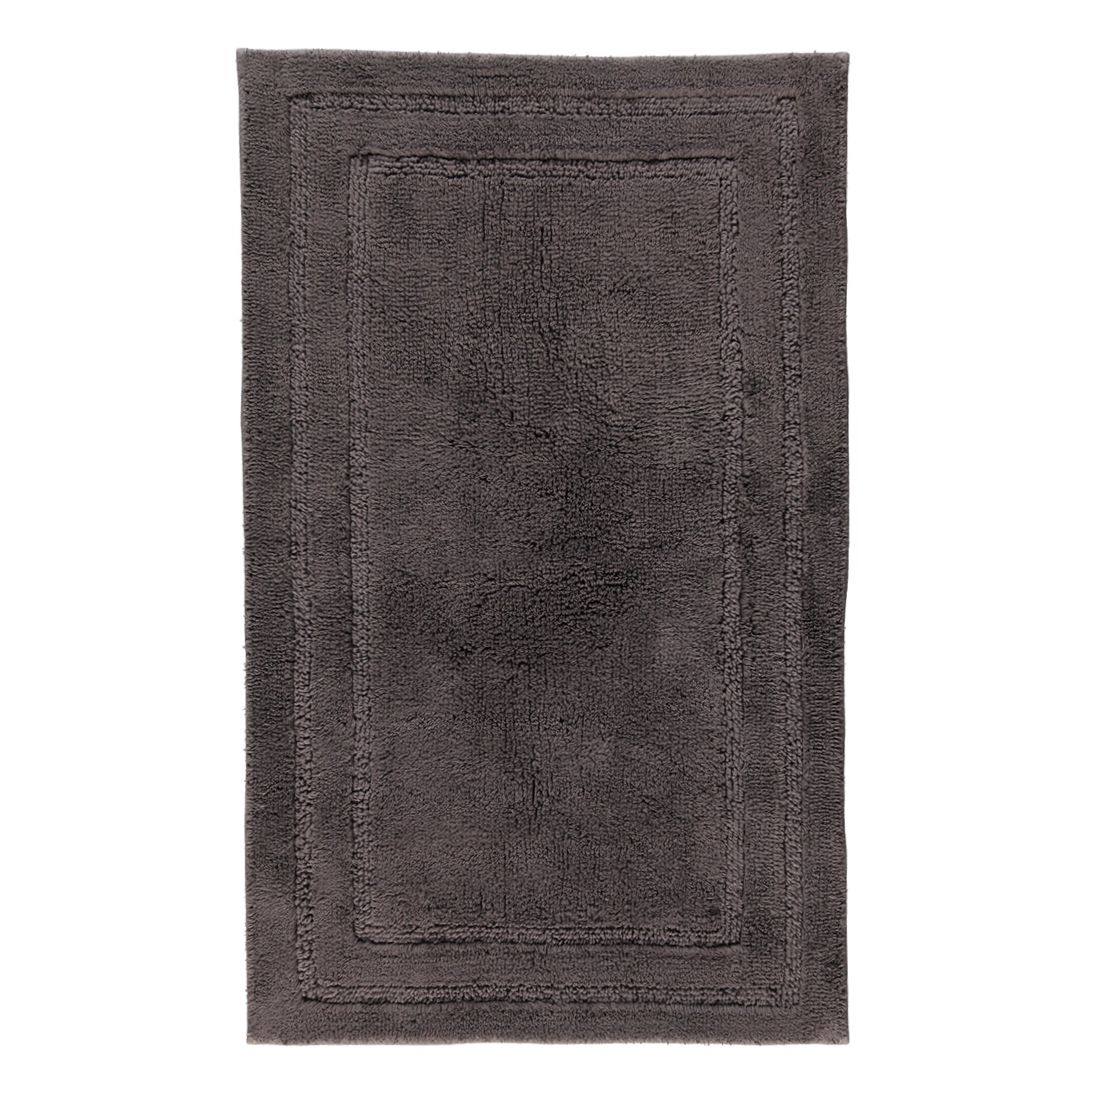 Badteppich Luxus Badteppich 1003 – Anthrazit – 774 – Abmessungen: 60 x 100 cm, Cawö günstig kaufen